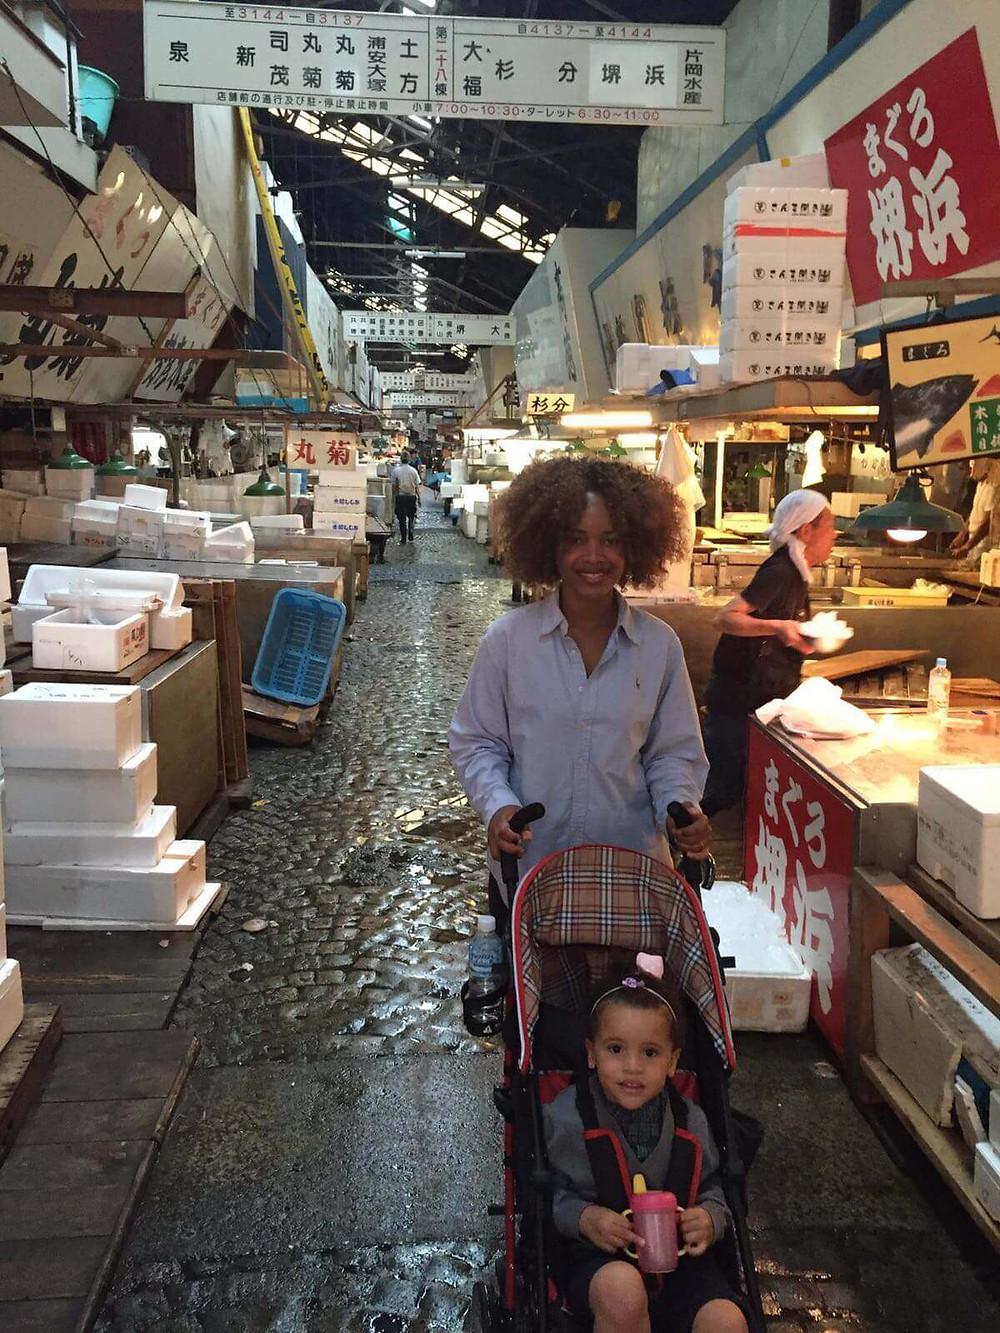 At Tokyo Tsukiji Market -(築地市場, Tsukiji shijō)